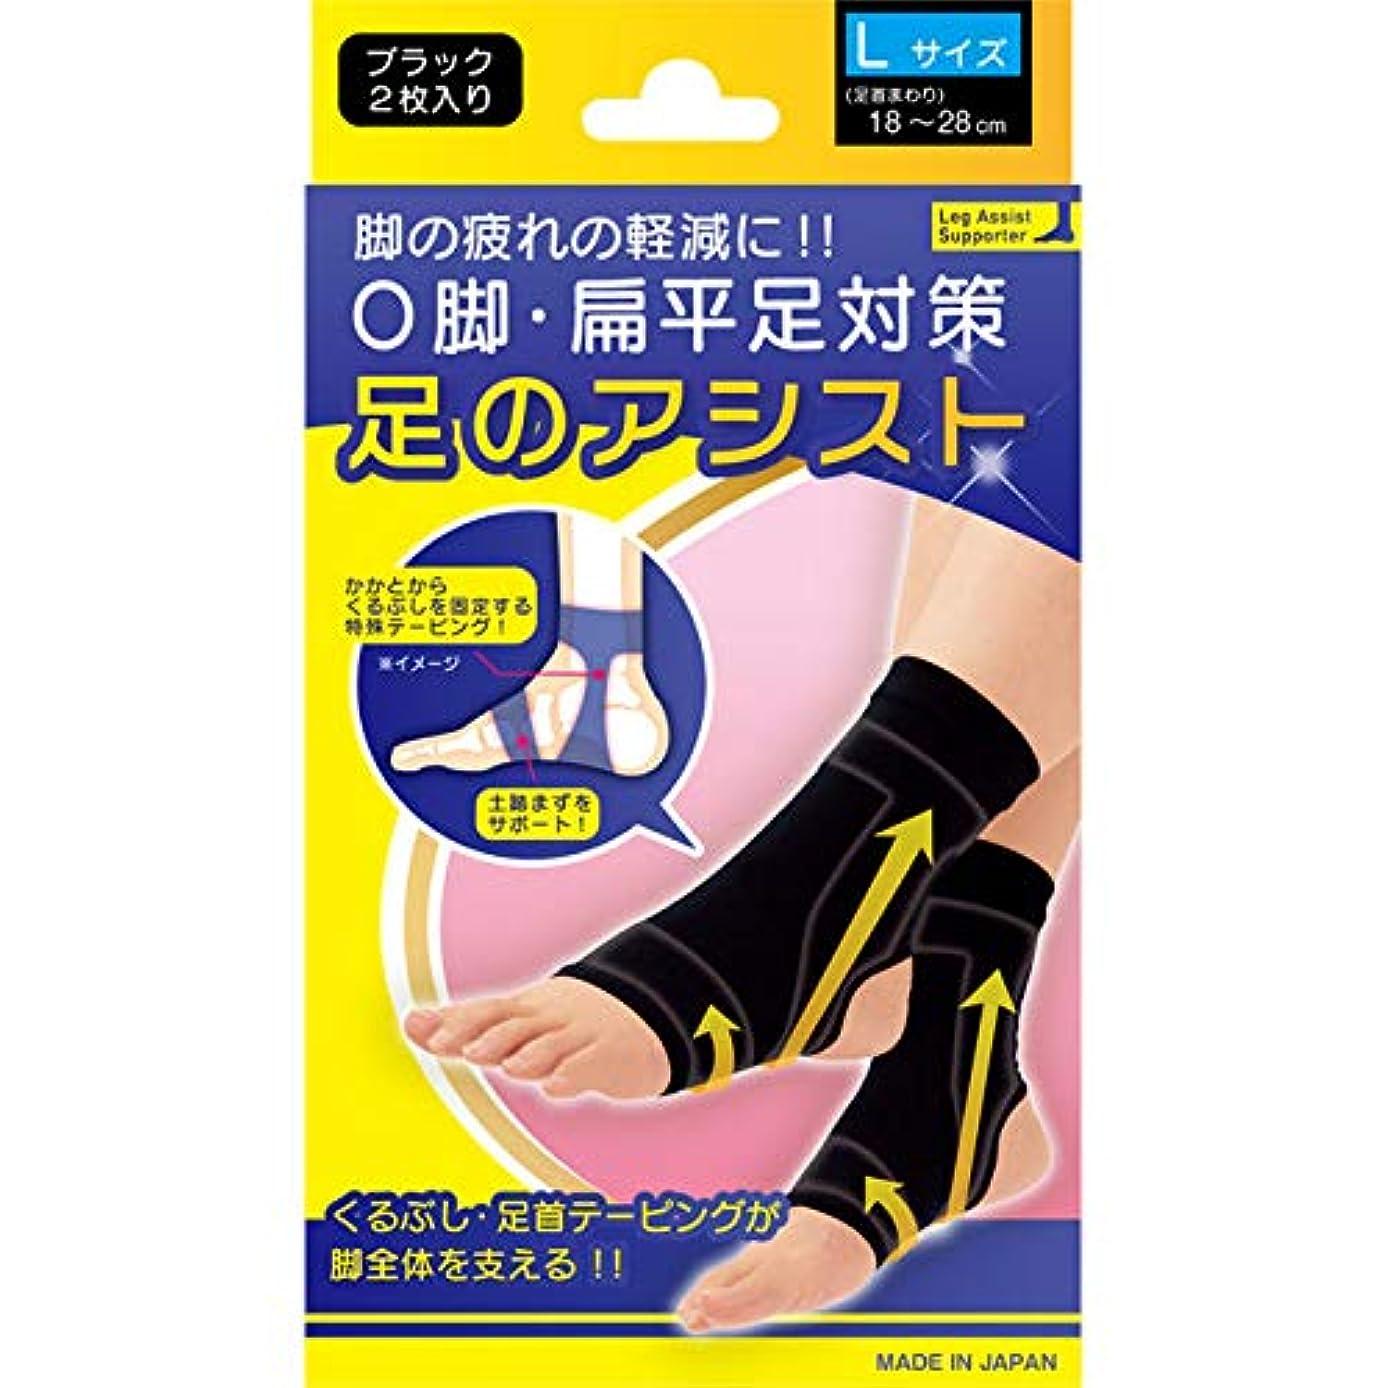 インフレーションクリスチャンカウントアップ美脚足のアシスト ブラック 2枚入り Lサイズ(足首まわり18~28cm)